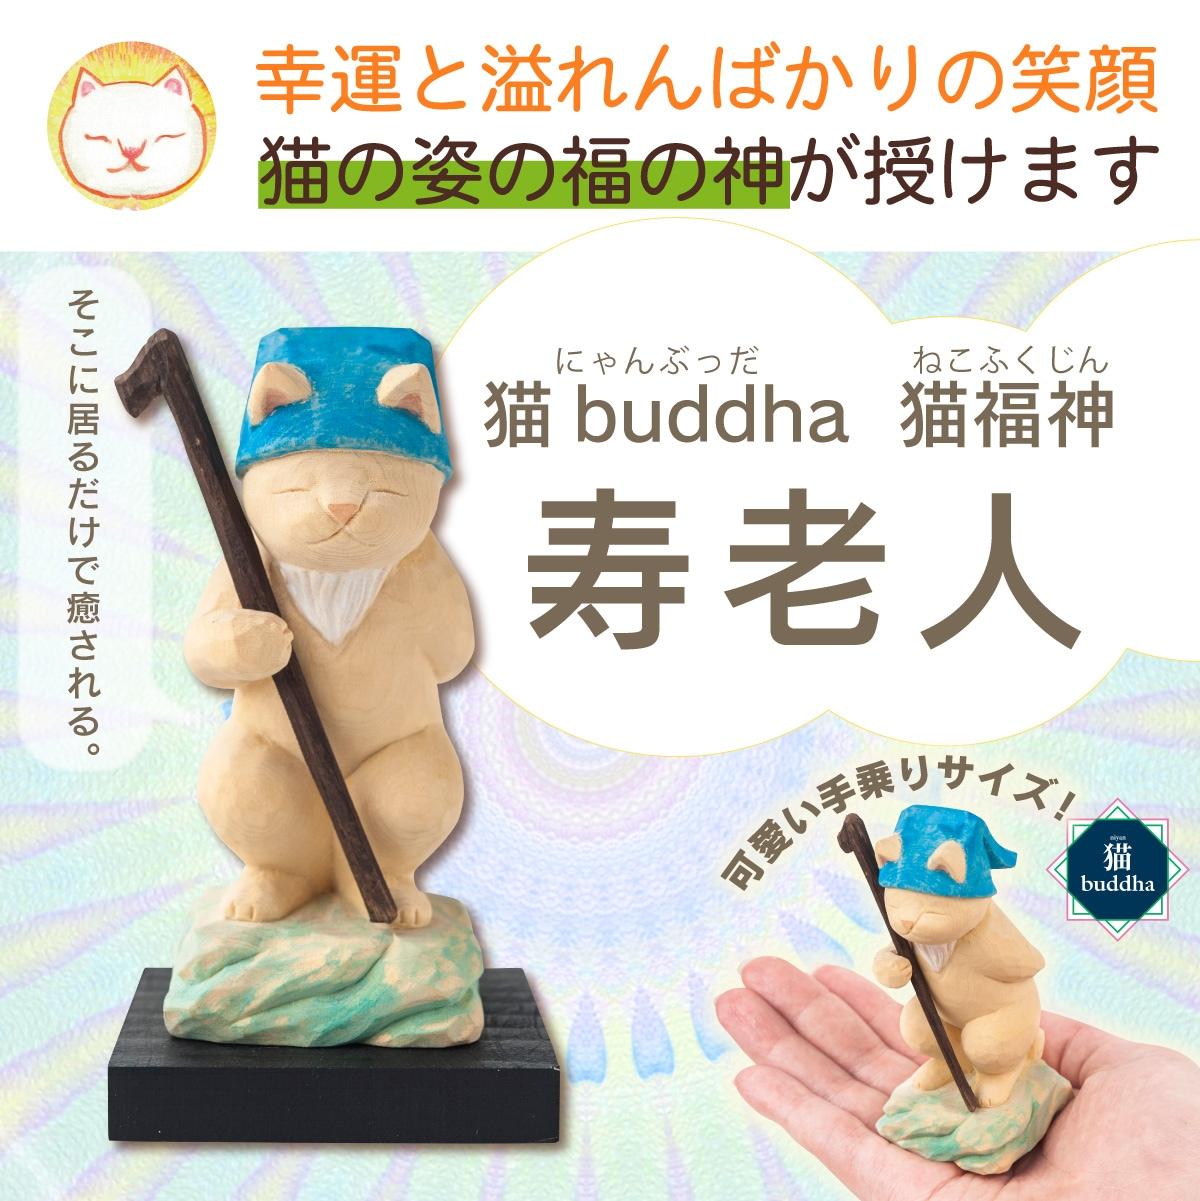 猫buddha 猫福神 寿老人 開運グッズ